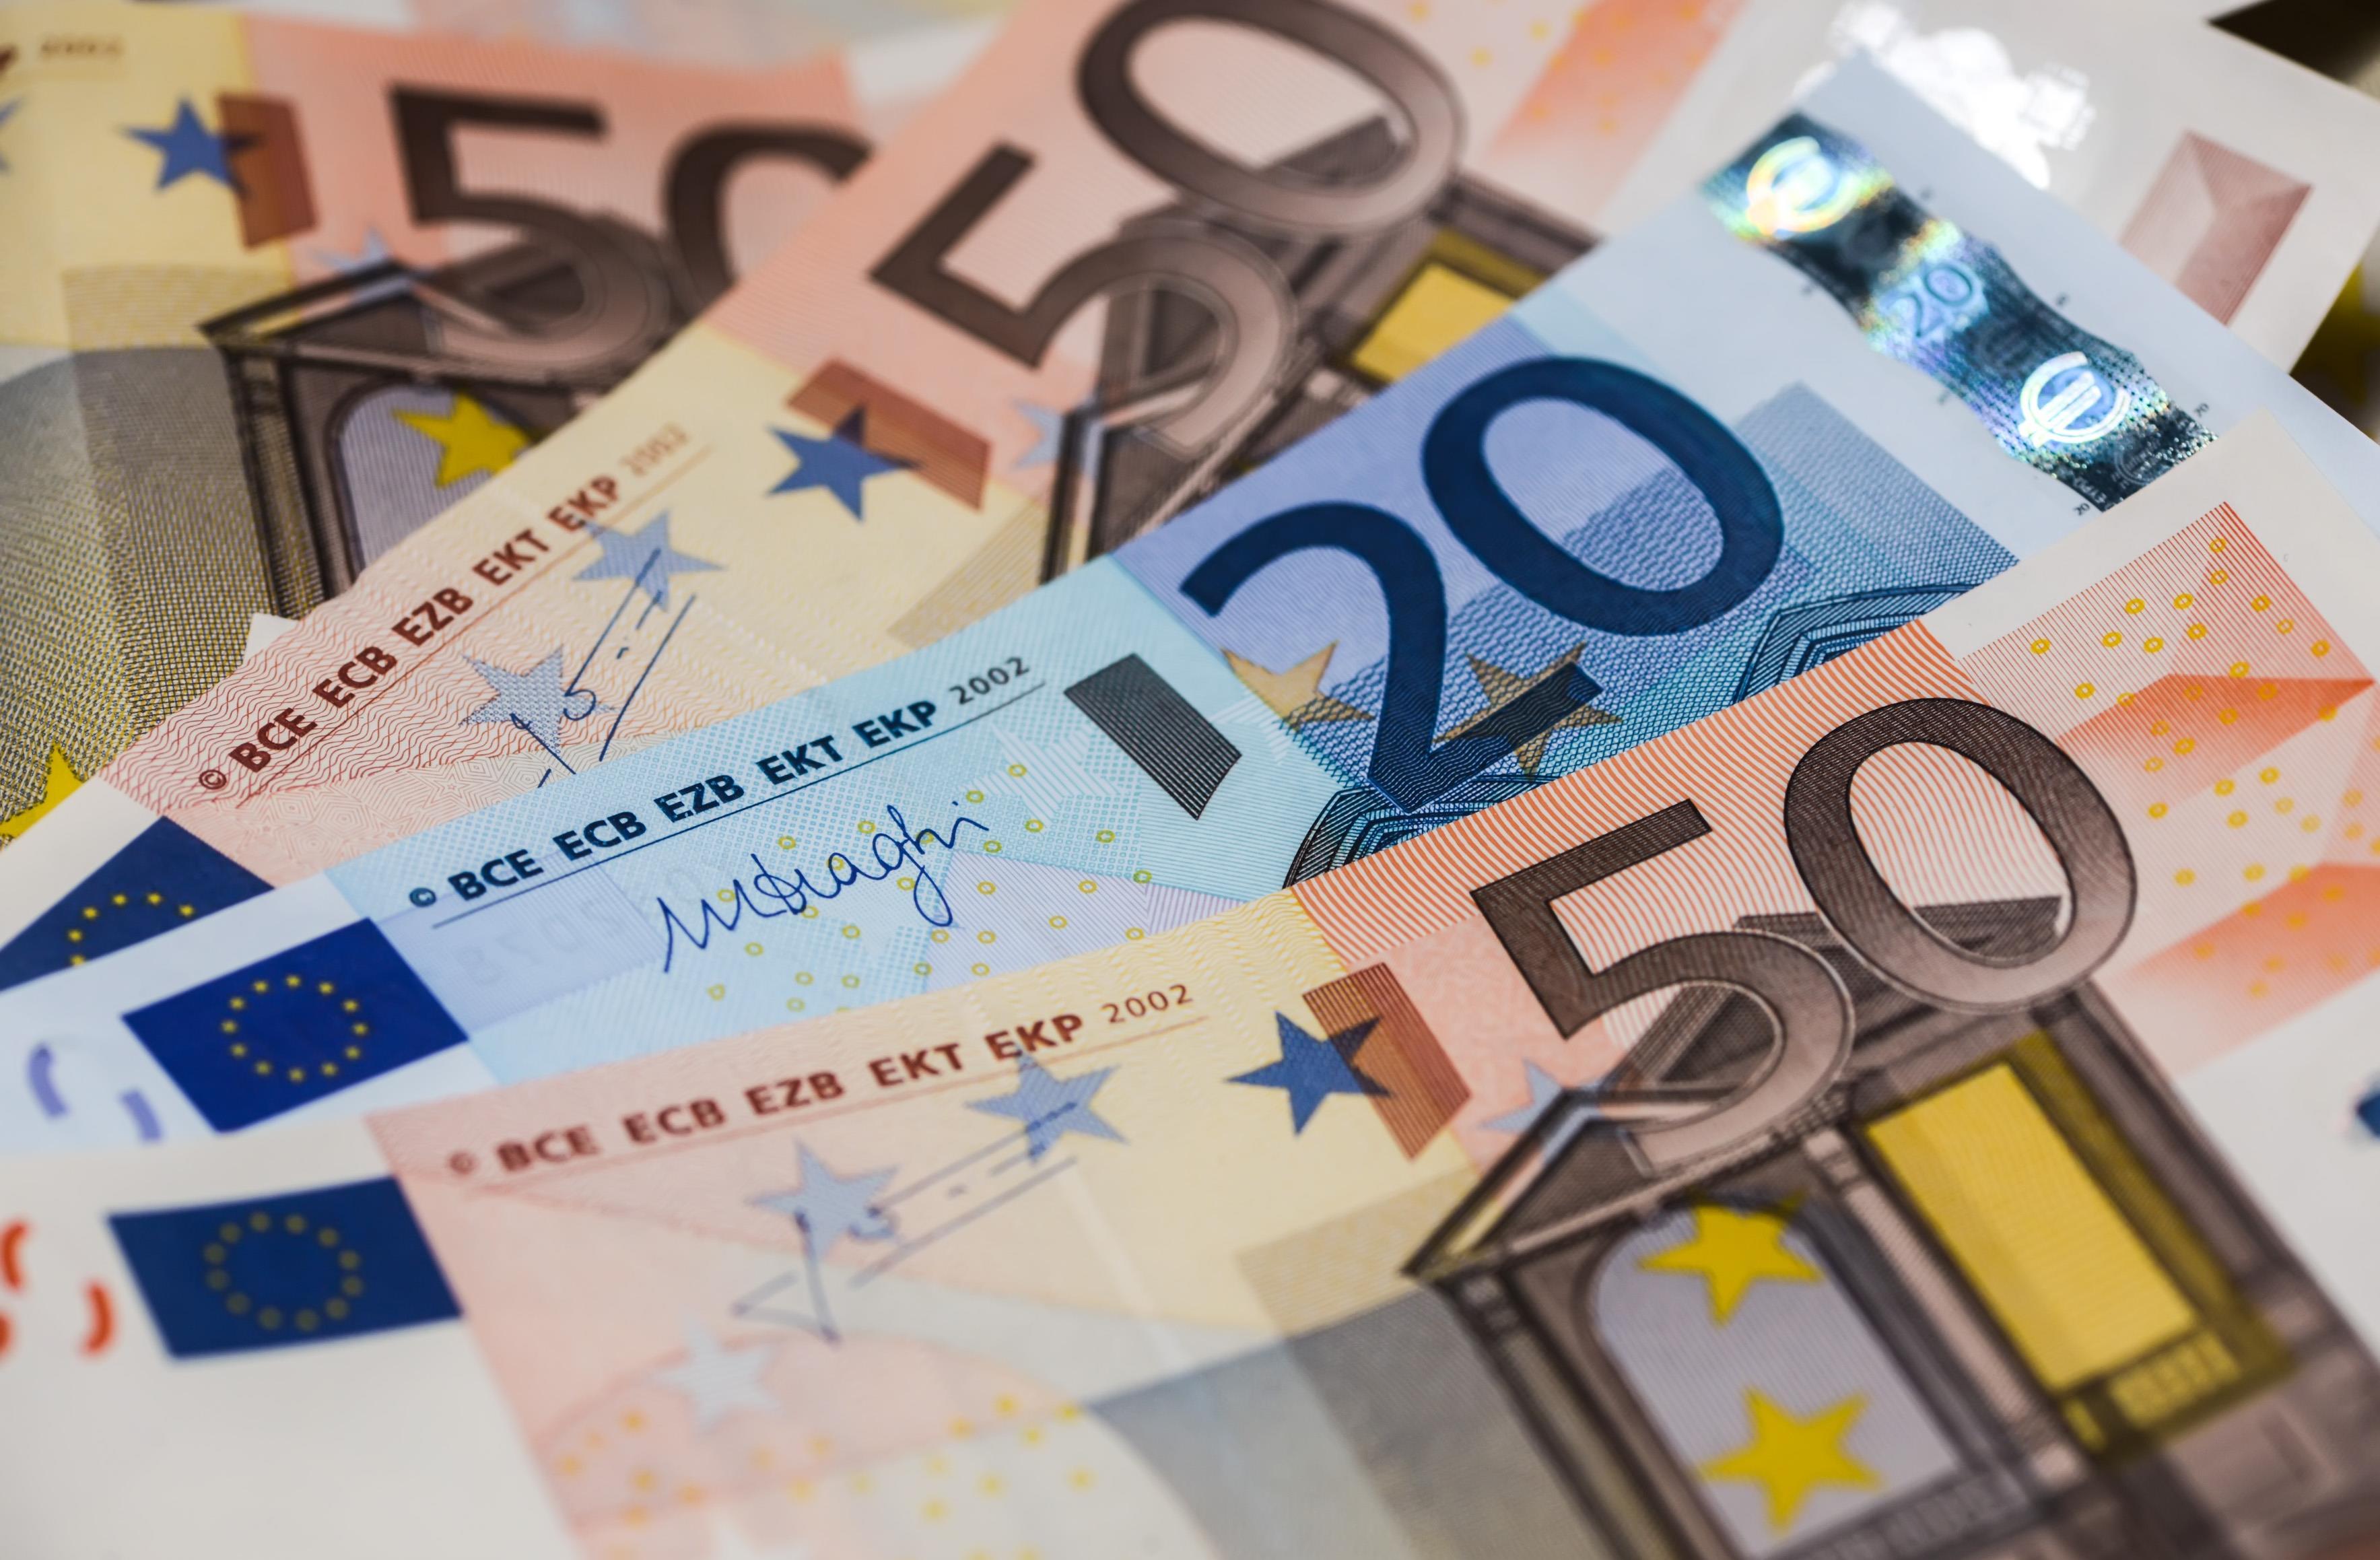 Έκλεισε στα 70 ευρώ το επίδομα τέκνου – Ποιοι το χάνουν